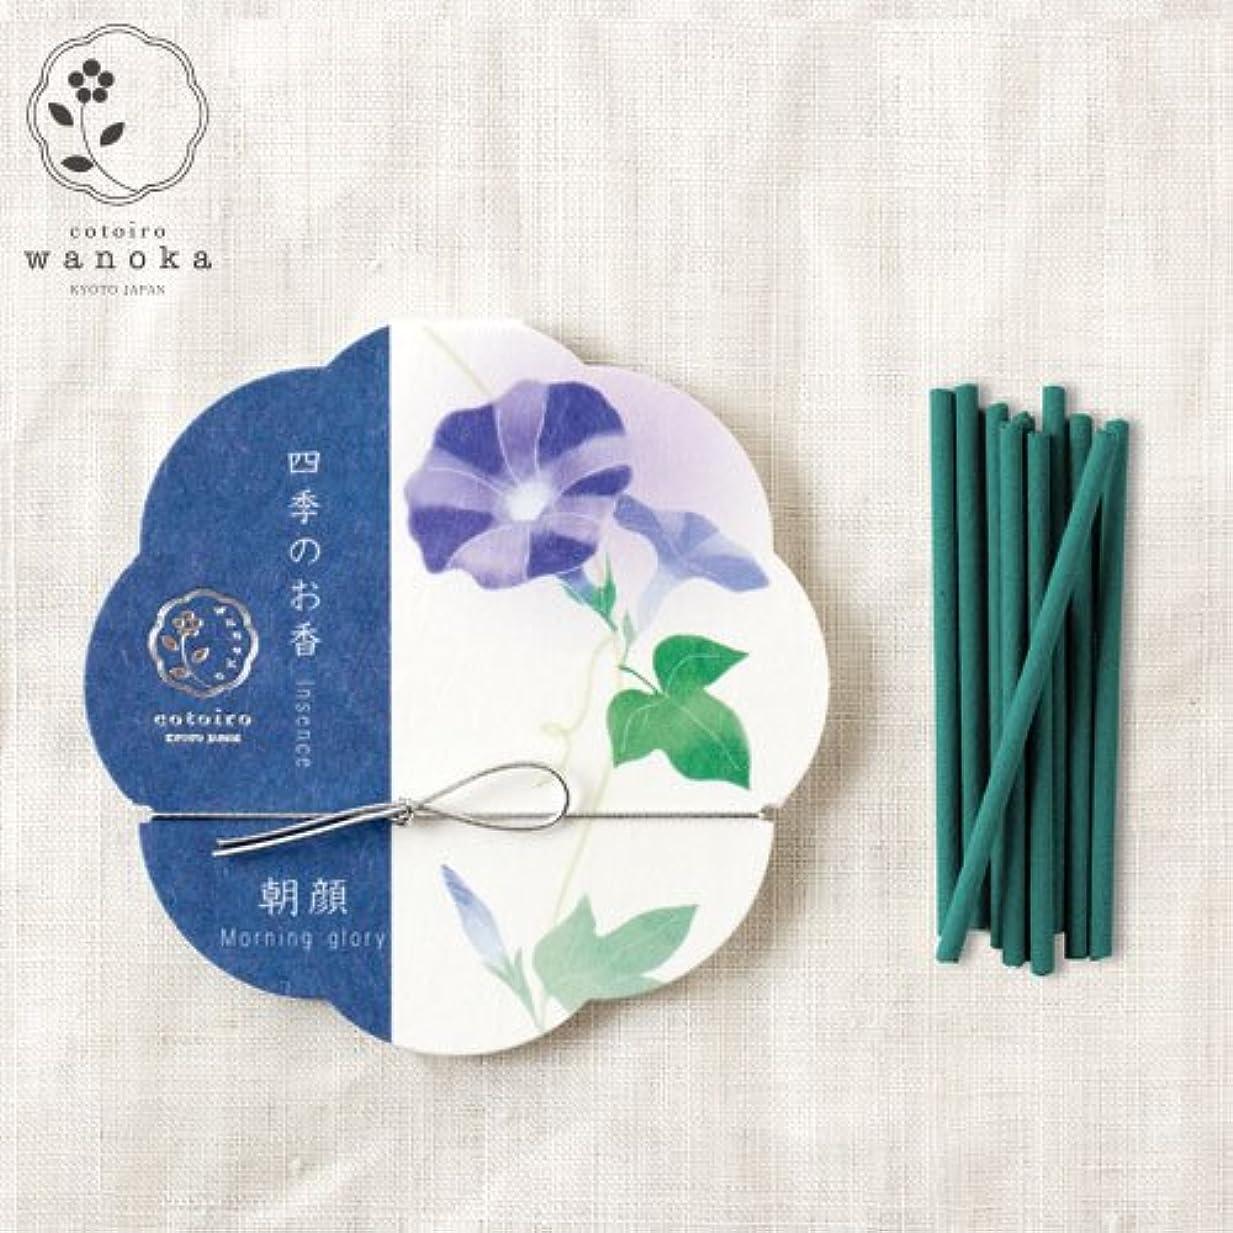 タオル抽象トラフィックwanoka四季のお香(インセンス)朝顔《涼しげな朝顔をイメージした香り》ART LABIncense stick